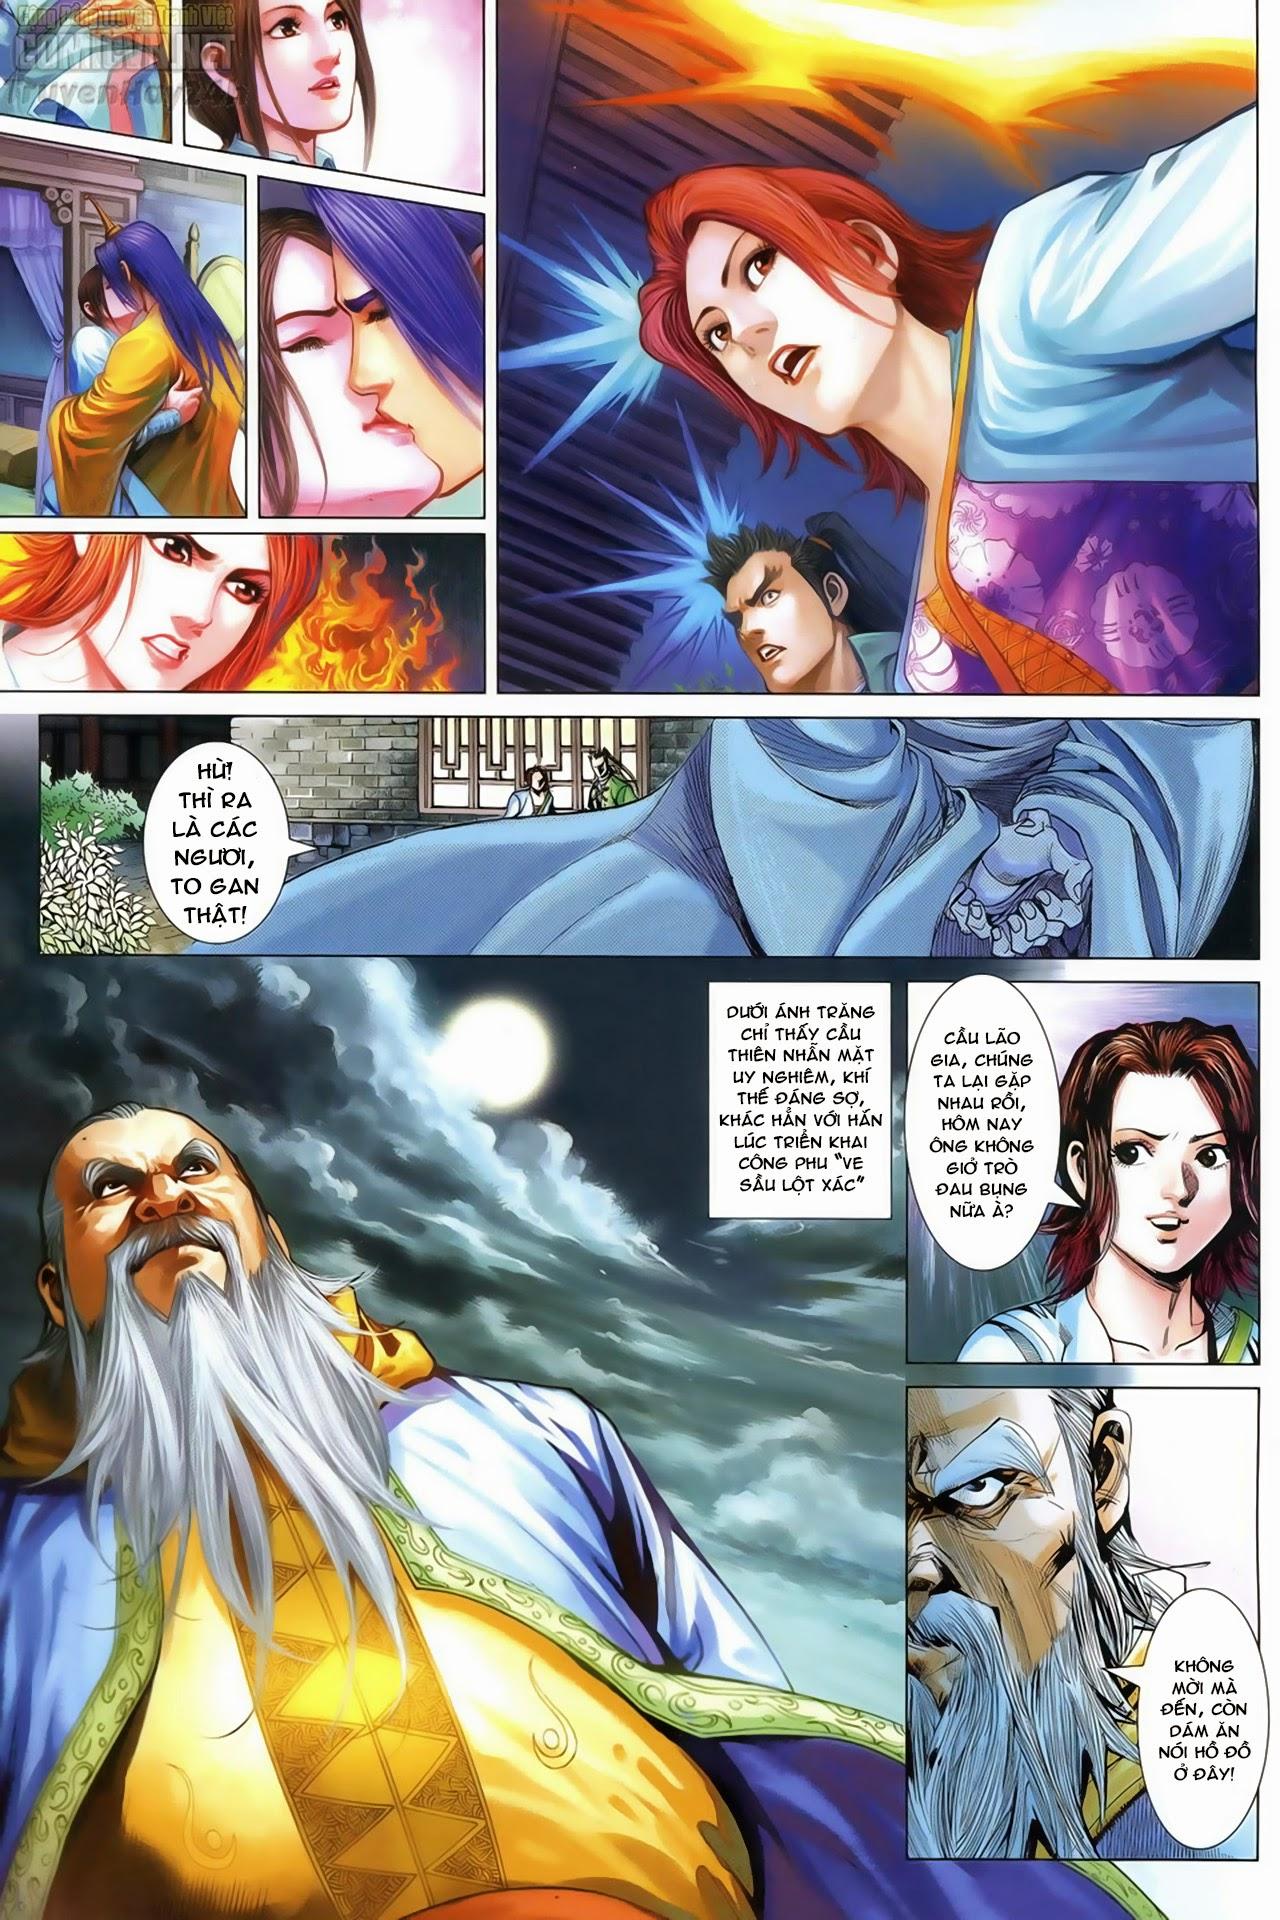 Anh Hùng Xạ Điêu anh hùng xạ đêu chap 69: hồn đoạn thiết chưởng phong trang 3